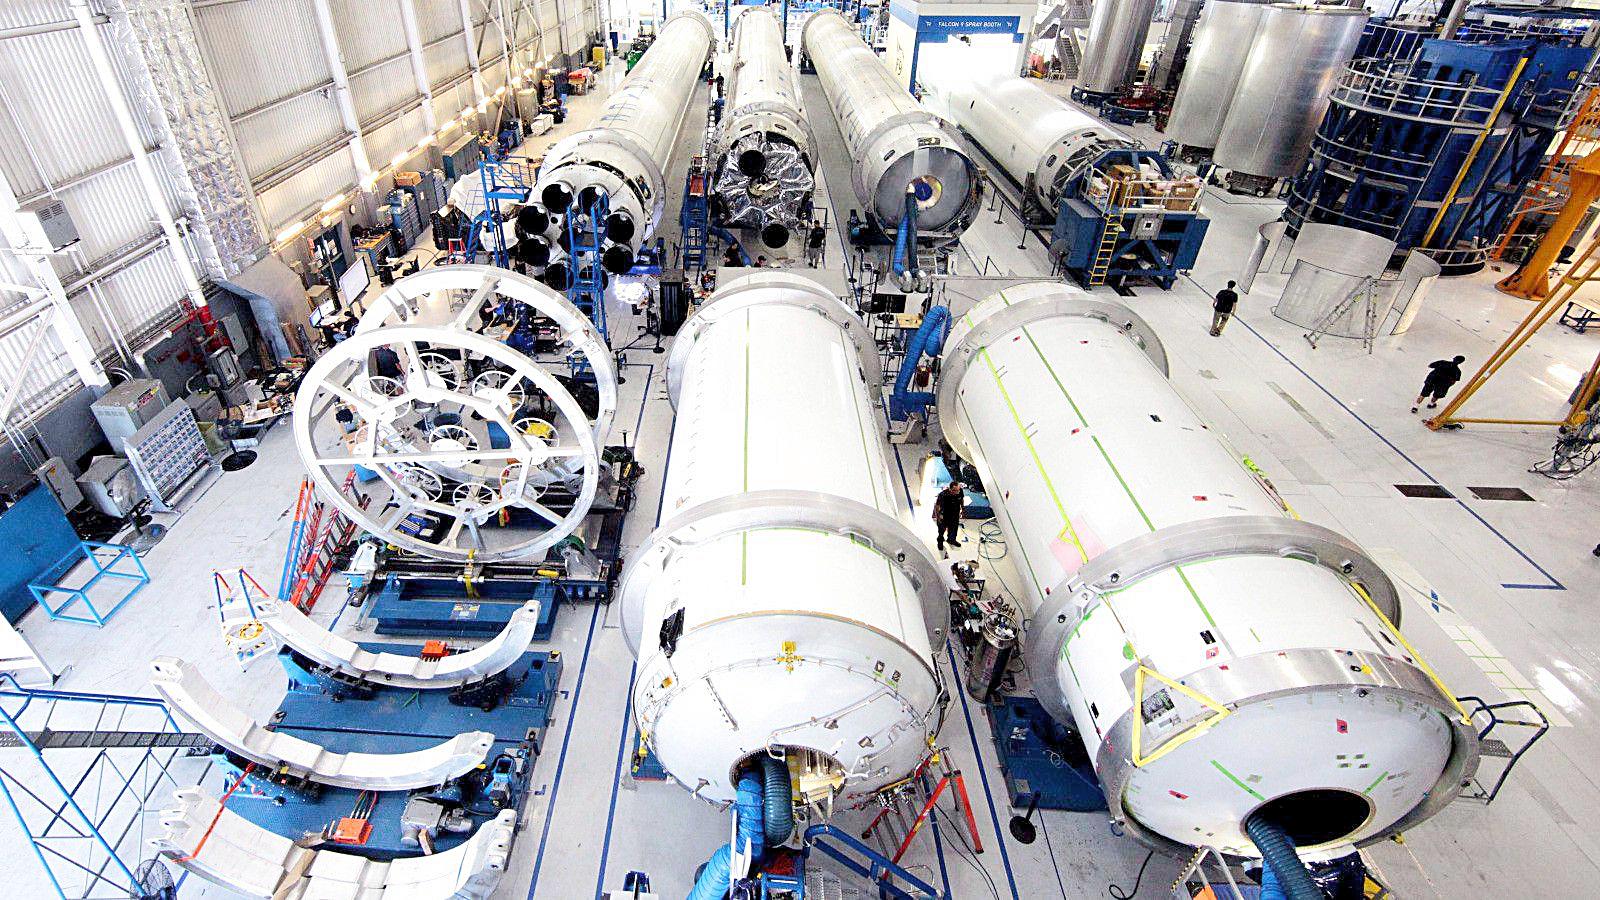 """Hiện tại, SpaceX có khoảng 7.000 nhân viên và ngân sách hoạt động là 1,7 tỉ USD/năm. Trong khi đó, NASA có khoảng 17.500 nhân viên và ngân sách hoạt động 20 tỉ USD/năm. Dù hơi """"lép vế"""" về nhân lực và tài chính, SpaceX hiện đi tiên phong so với NASA trong việc phát triển rất nhiều công nghệ phức tạp và táo bạo - Ảnh: NASA"""